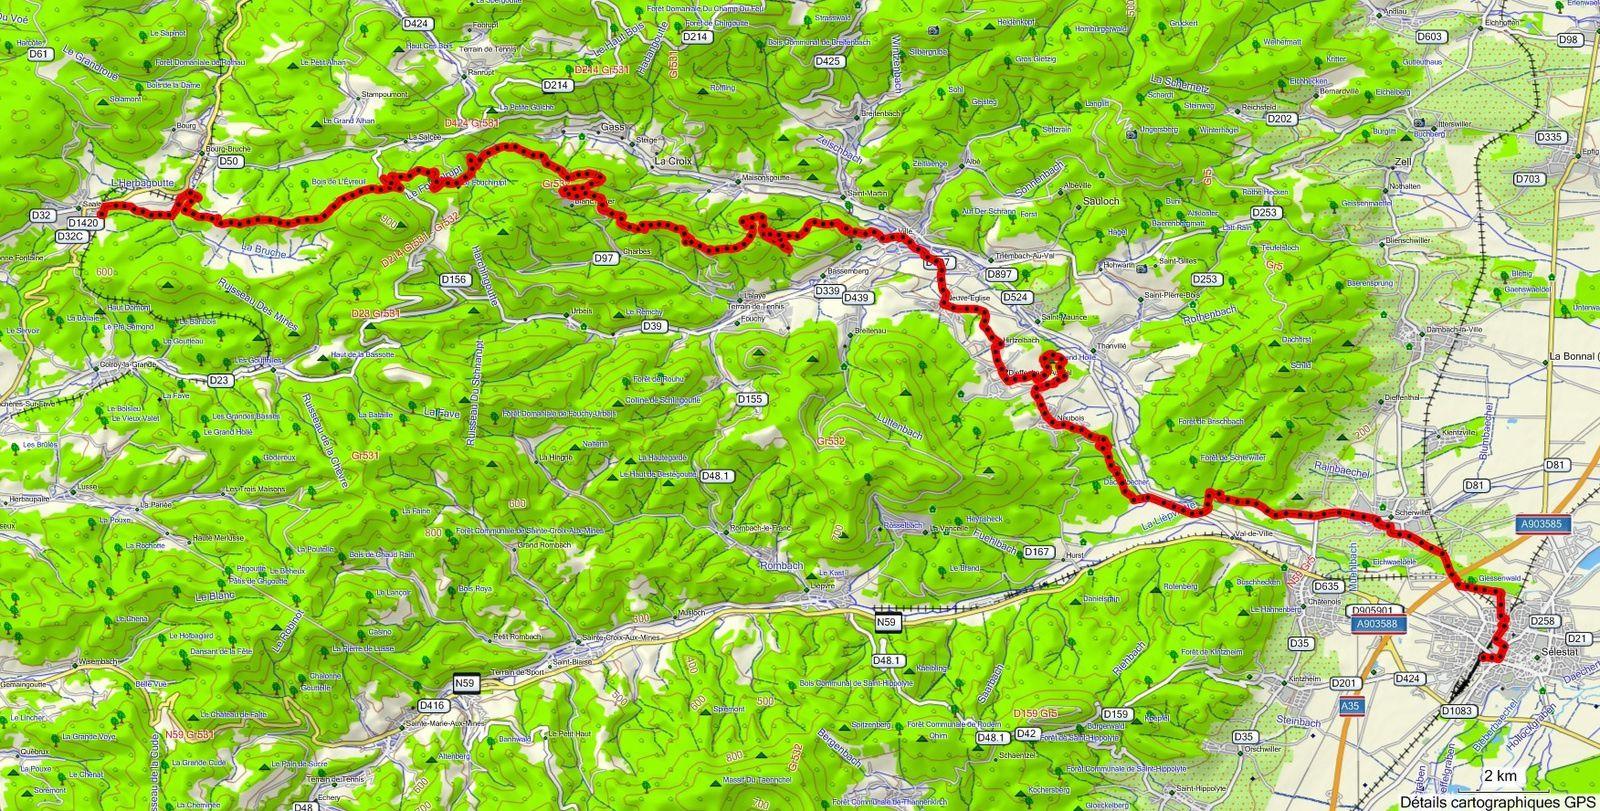 Le parcours : 47 kms - 970 m dénivelé  Départ de Saales - Le Moulin de Bruche, Bas Climont, Le Fouchlrupt, La Blanche Pierre, Champs dans les Haies, La Honel, Col du Banc du Forestier, Villé, Neuve-Eglise, Dieffenbach au Val, Neubois, Huenelmuehl et Scherwiller.